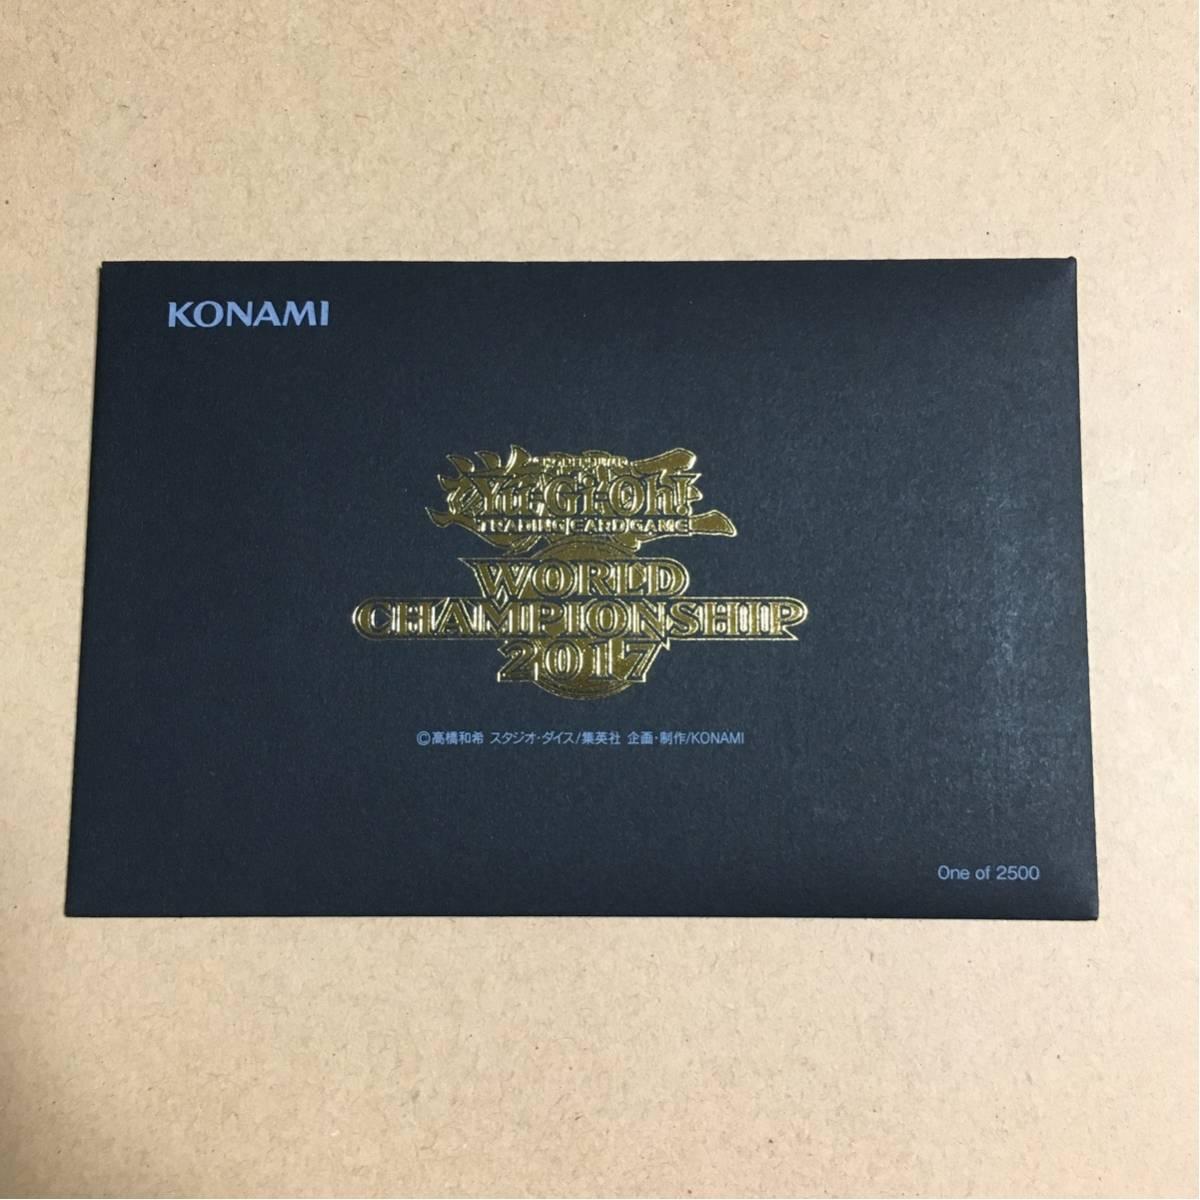 遊戯王 ワールドチャンピオンシップ 2017 WCS2017来場記念カード3枚セット 世界大会 新品未開封品 送料無料